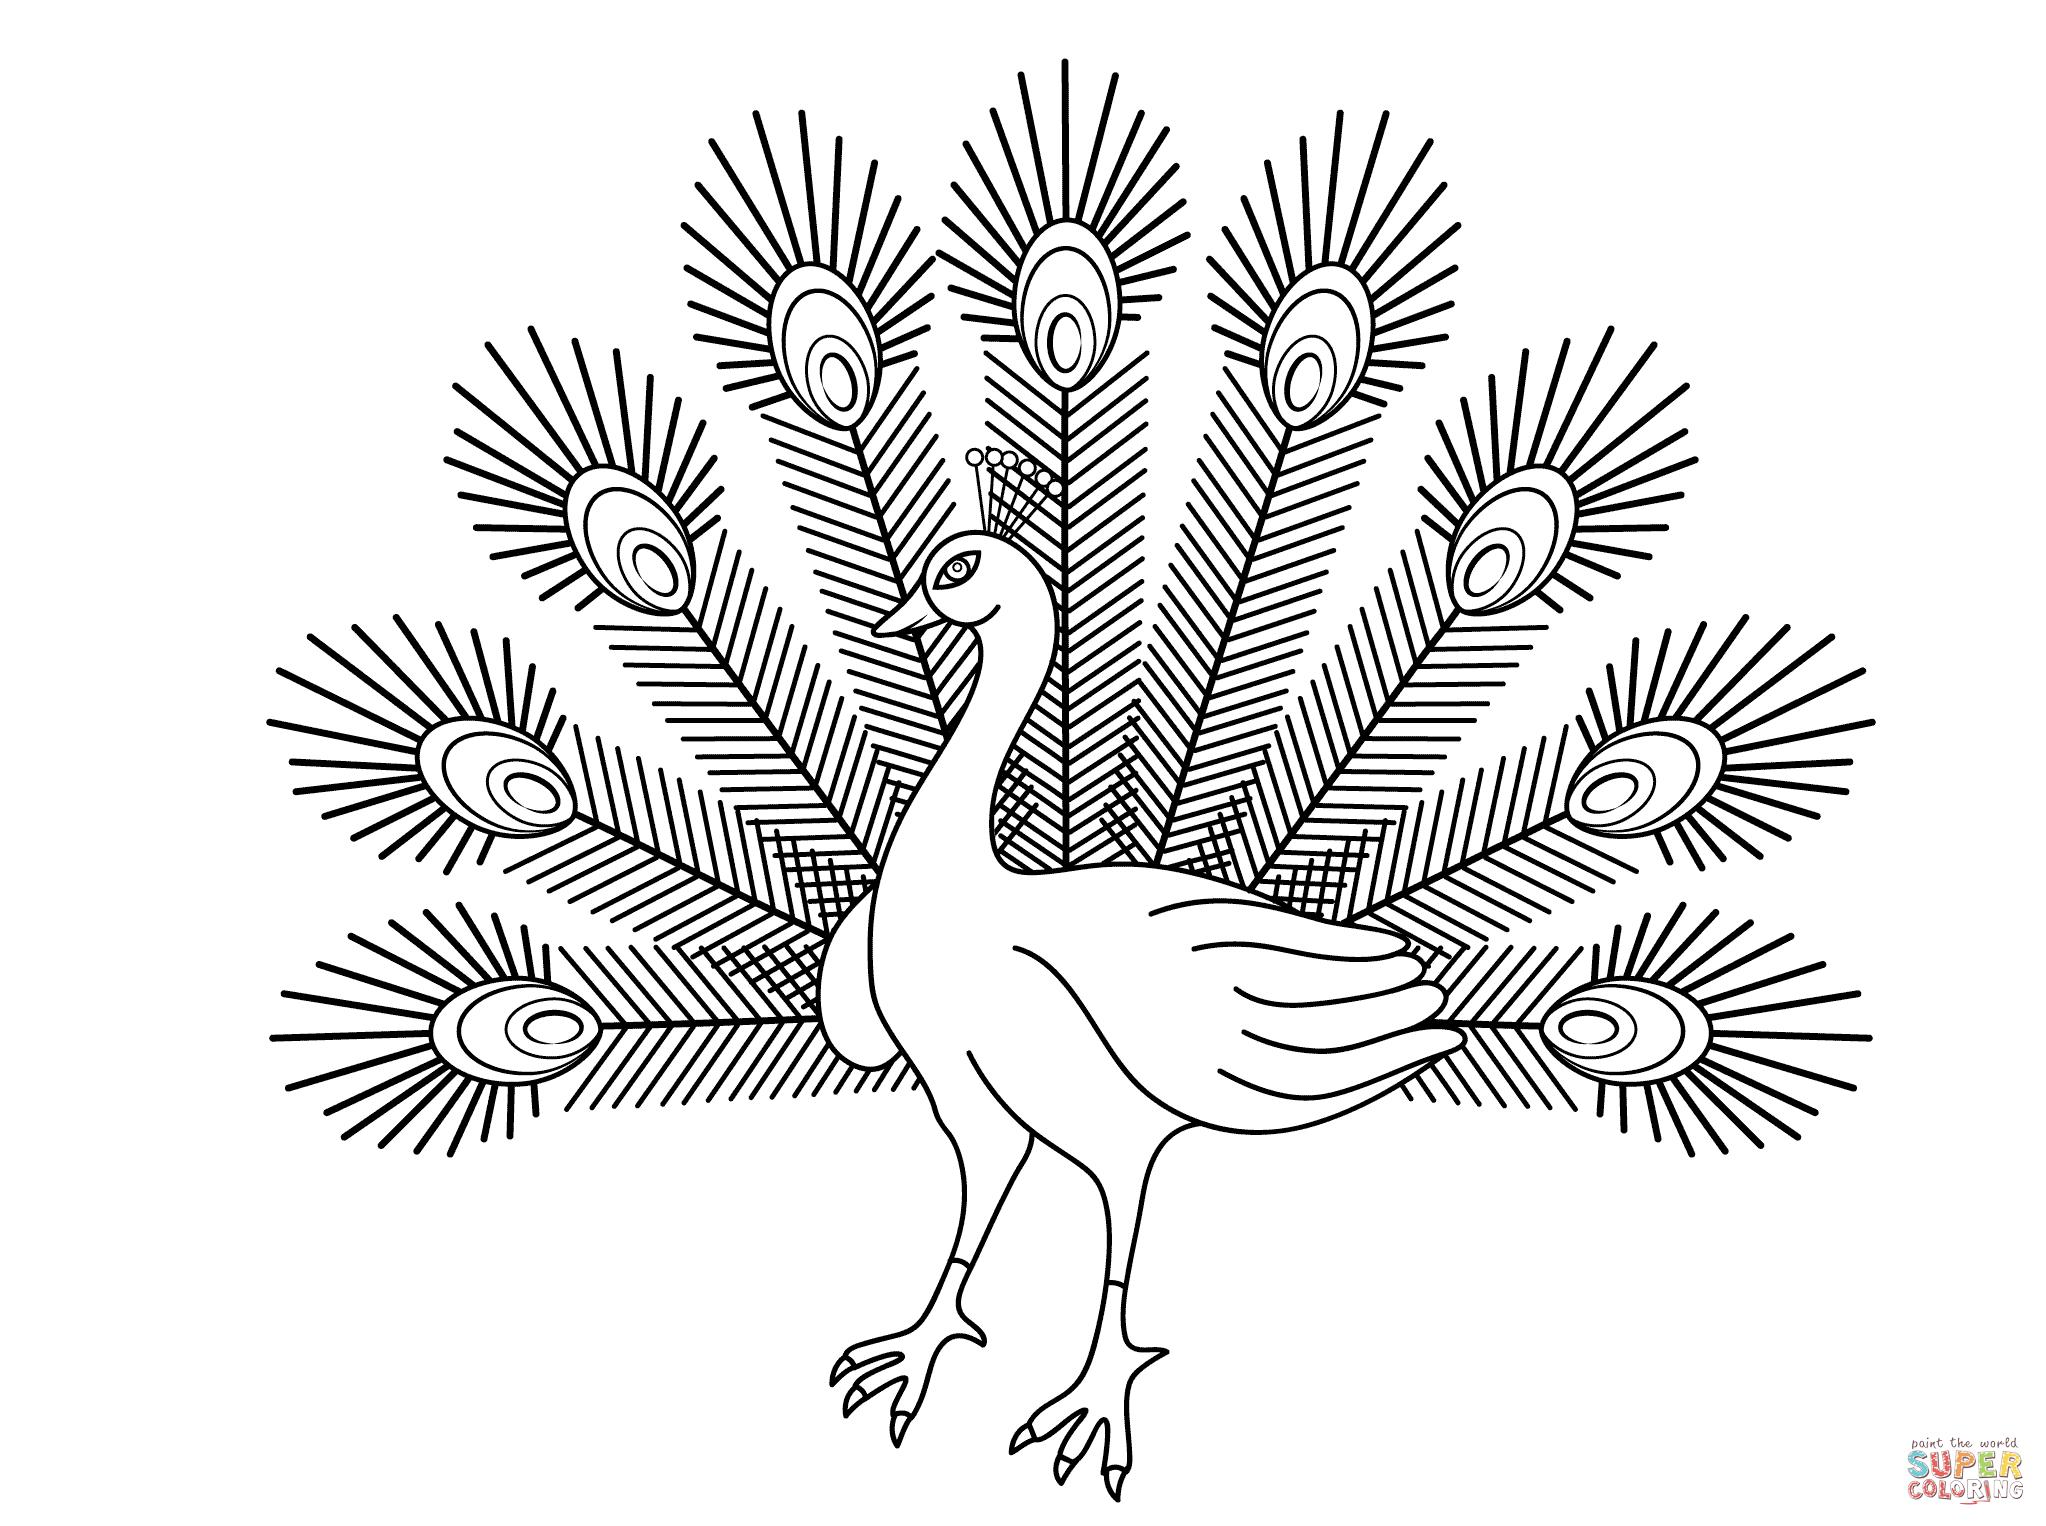 Peacock coloring #5, Download drawings